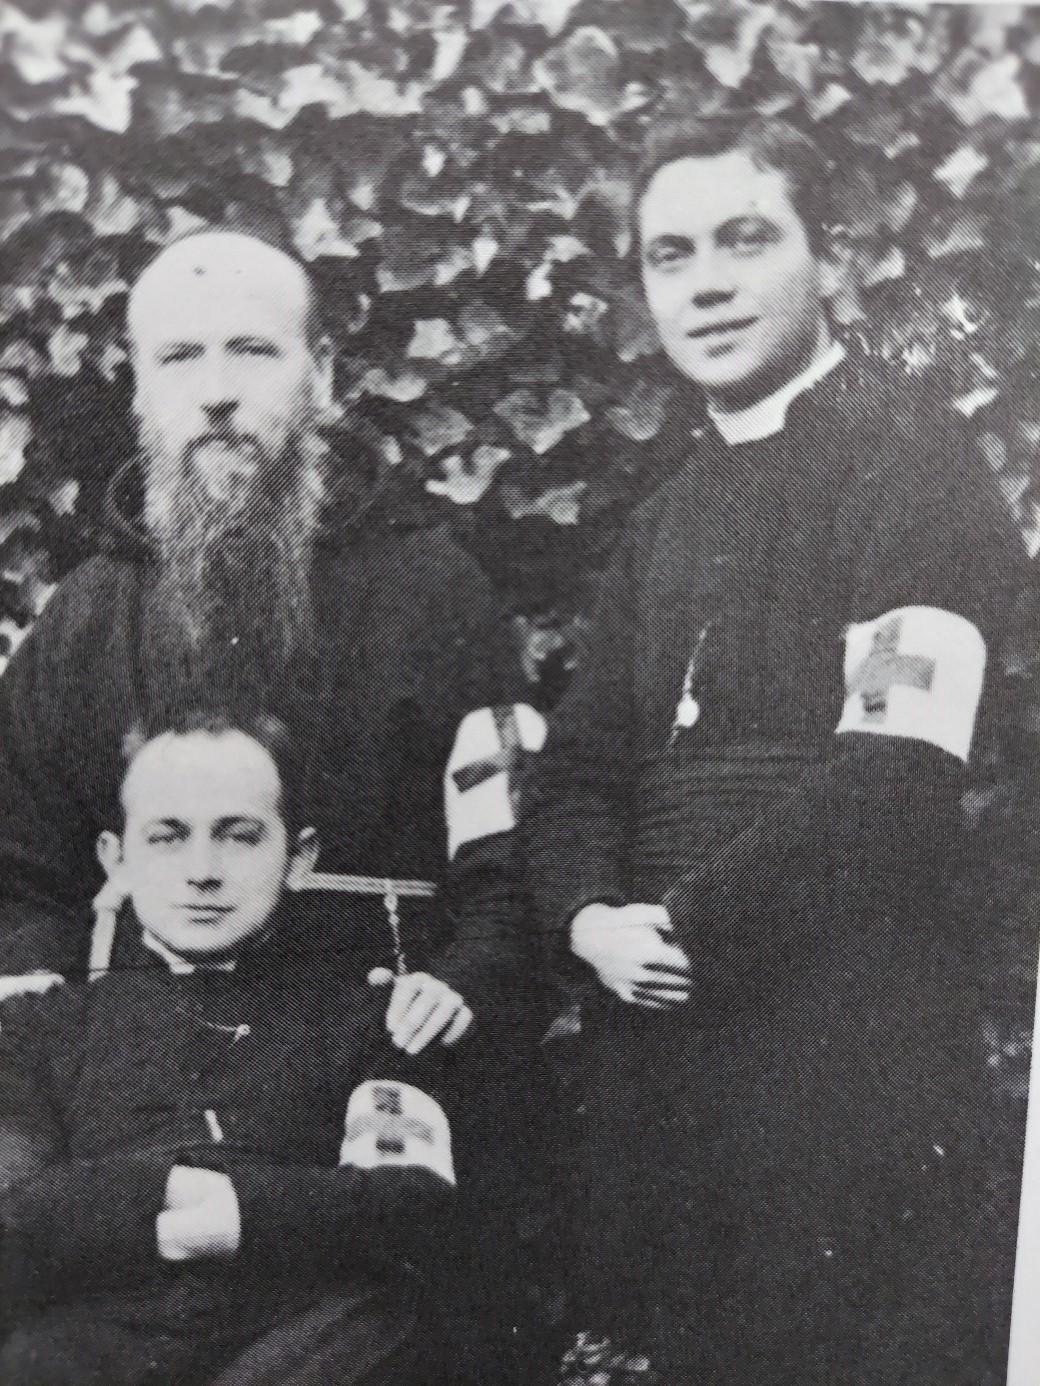 Priester Poppe en het lijden